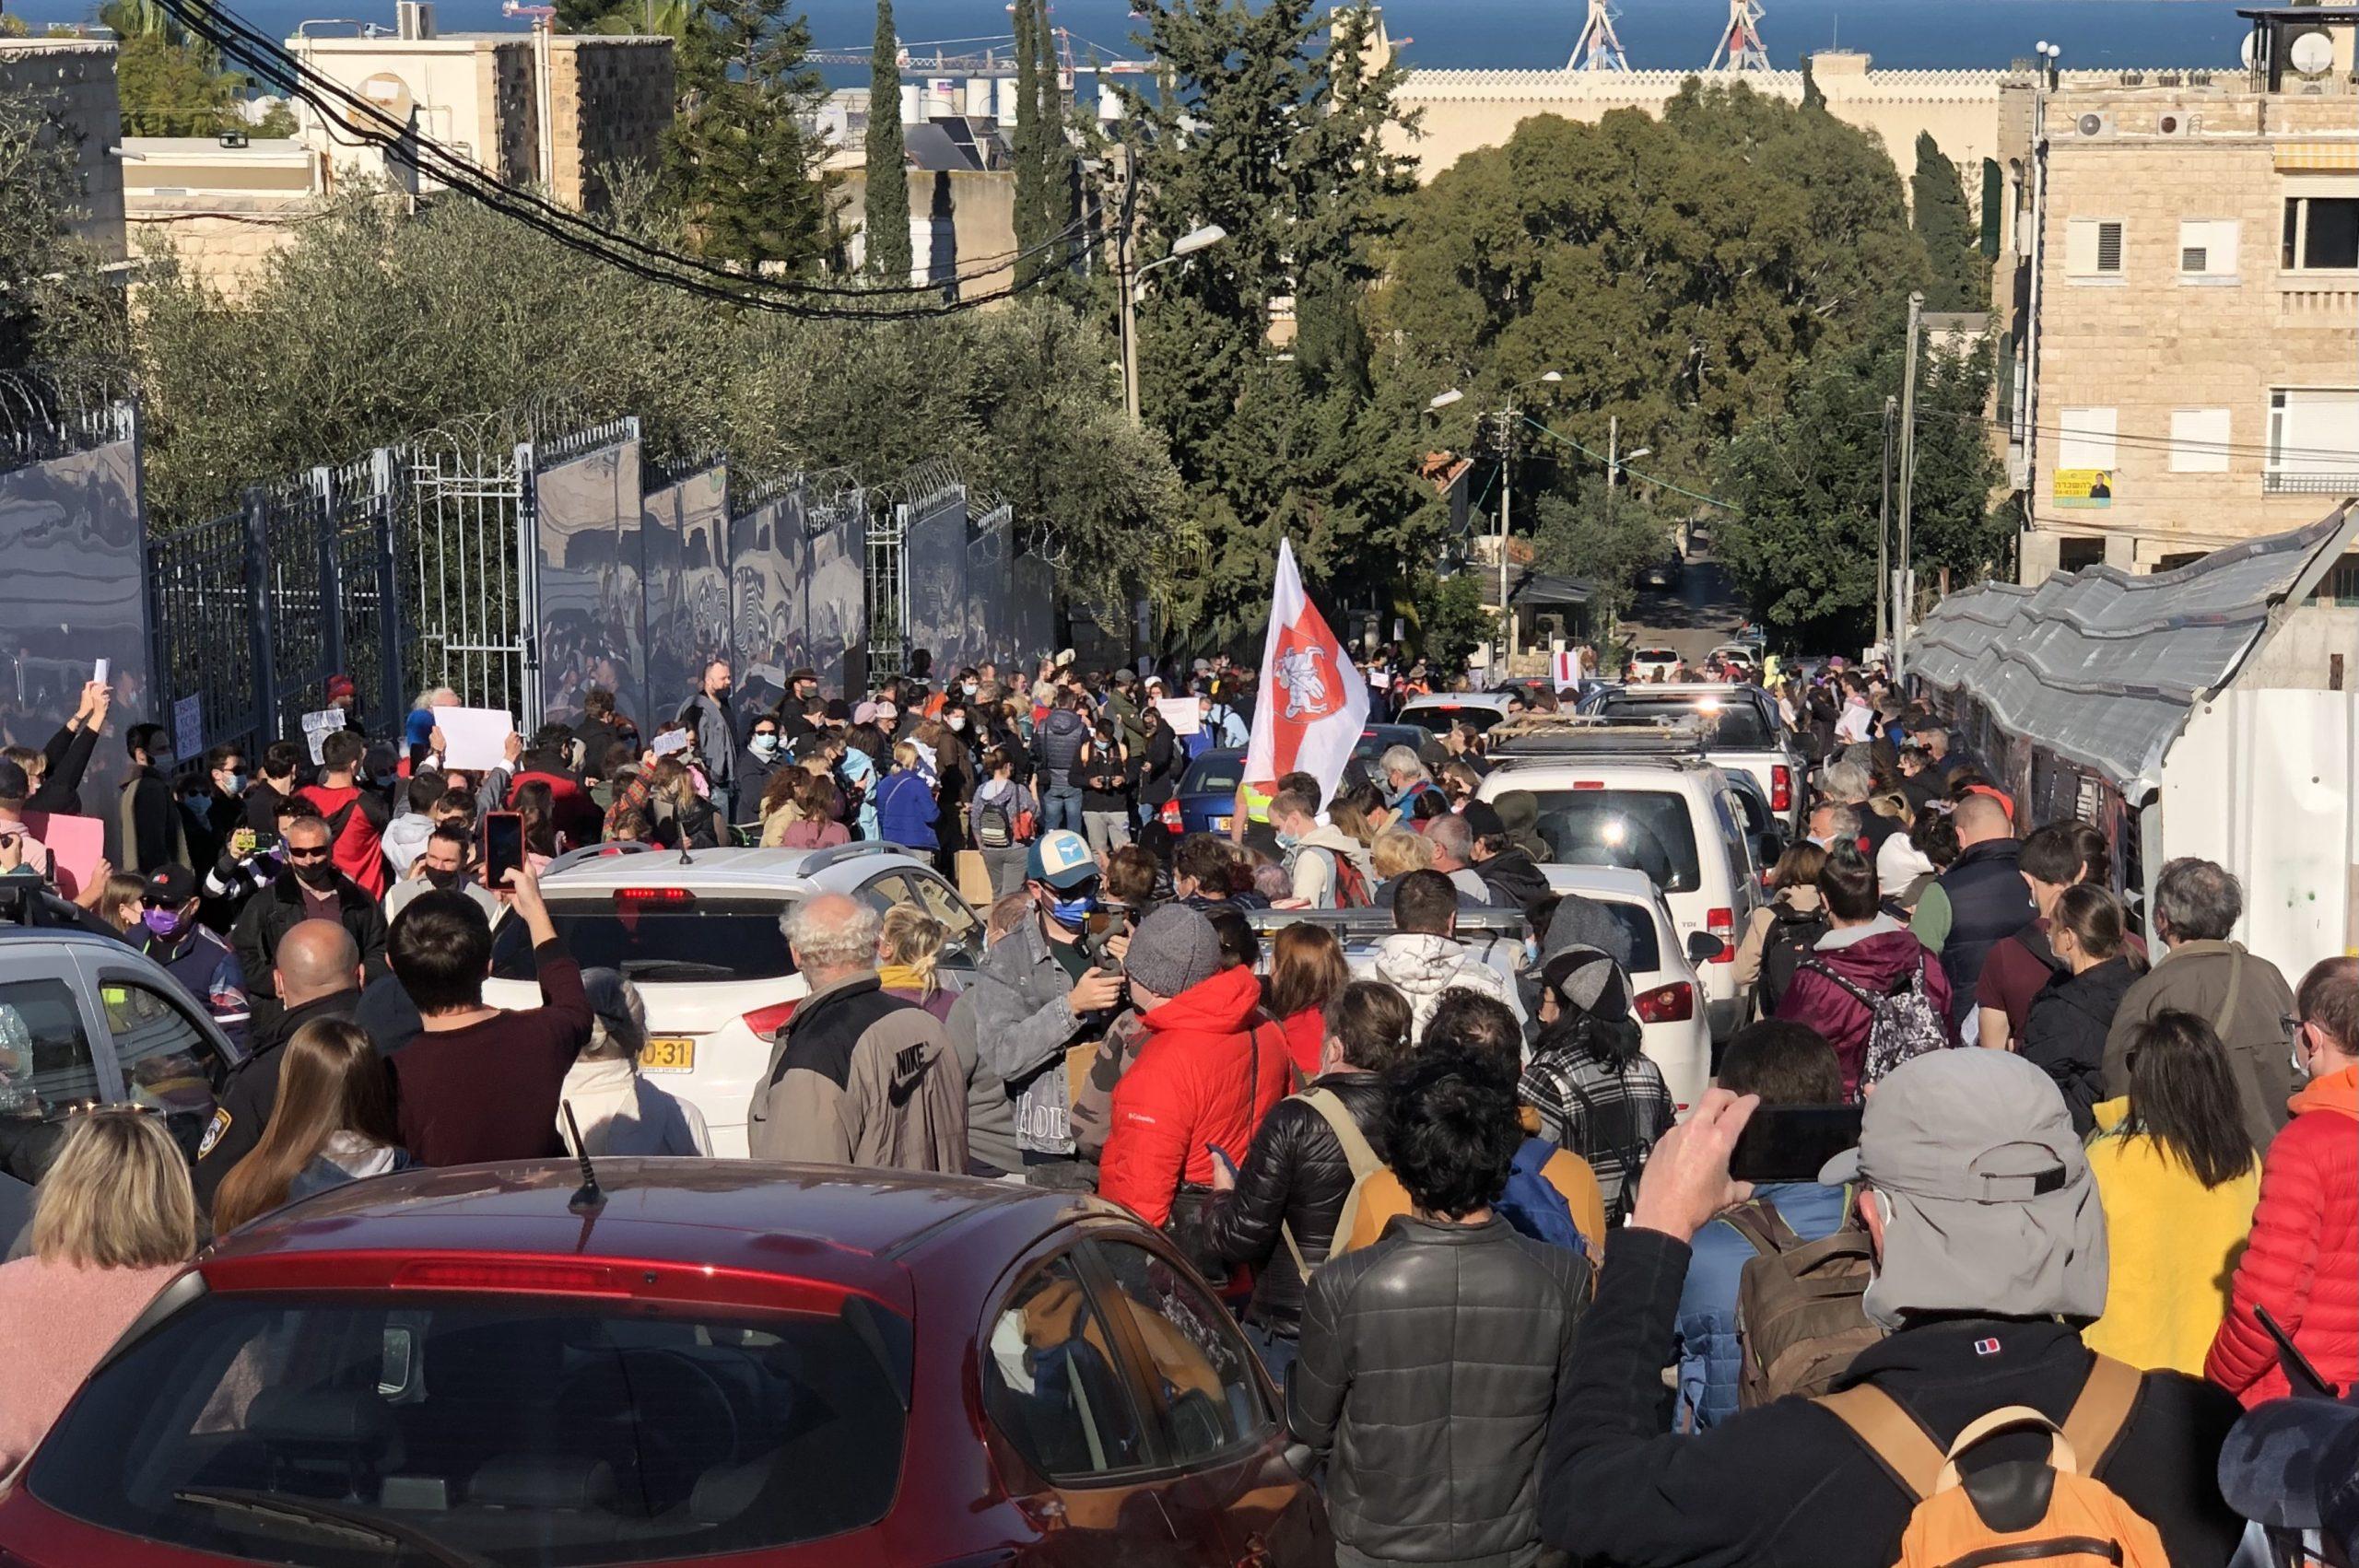 Израиль 23 января 2021: демонстрация в Хайфе. Фото Елены Шафран